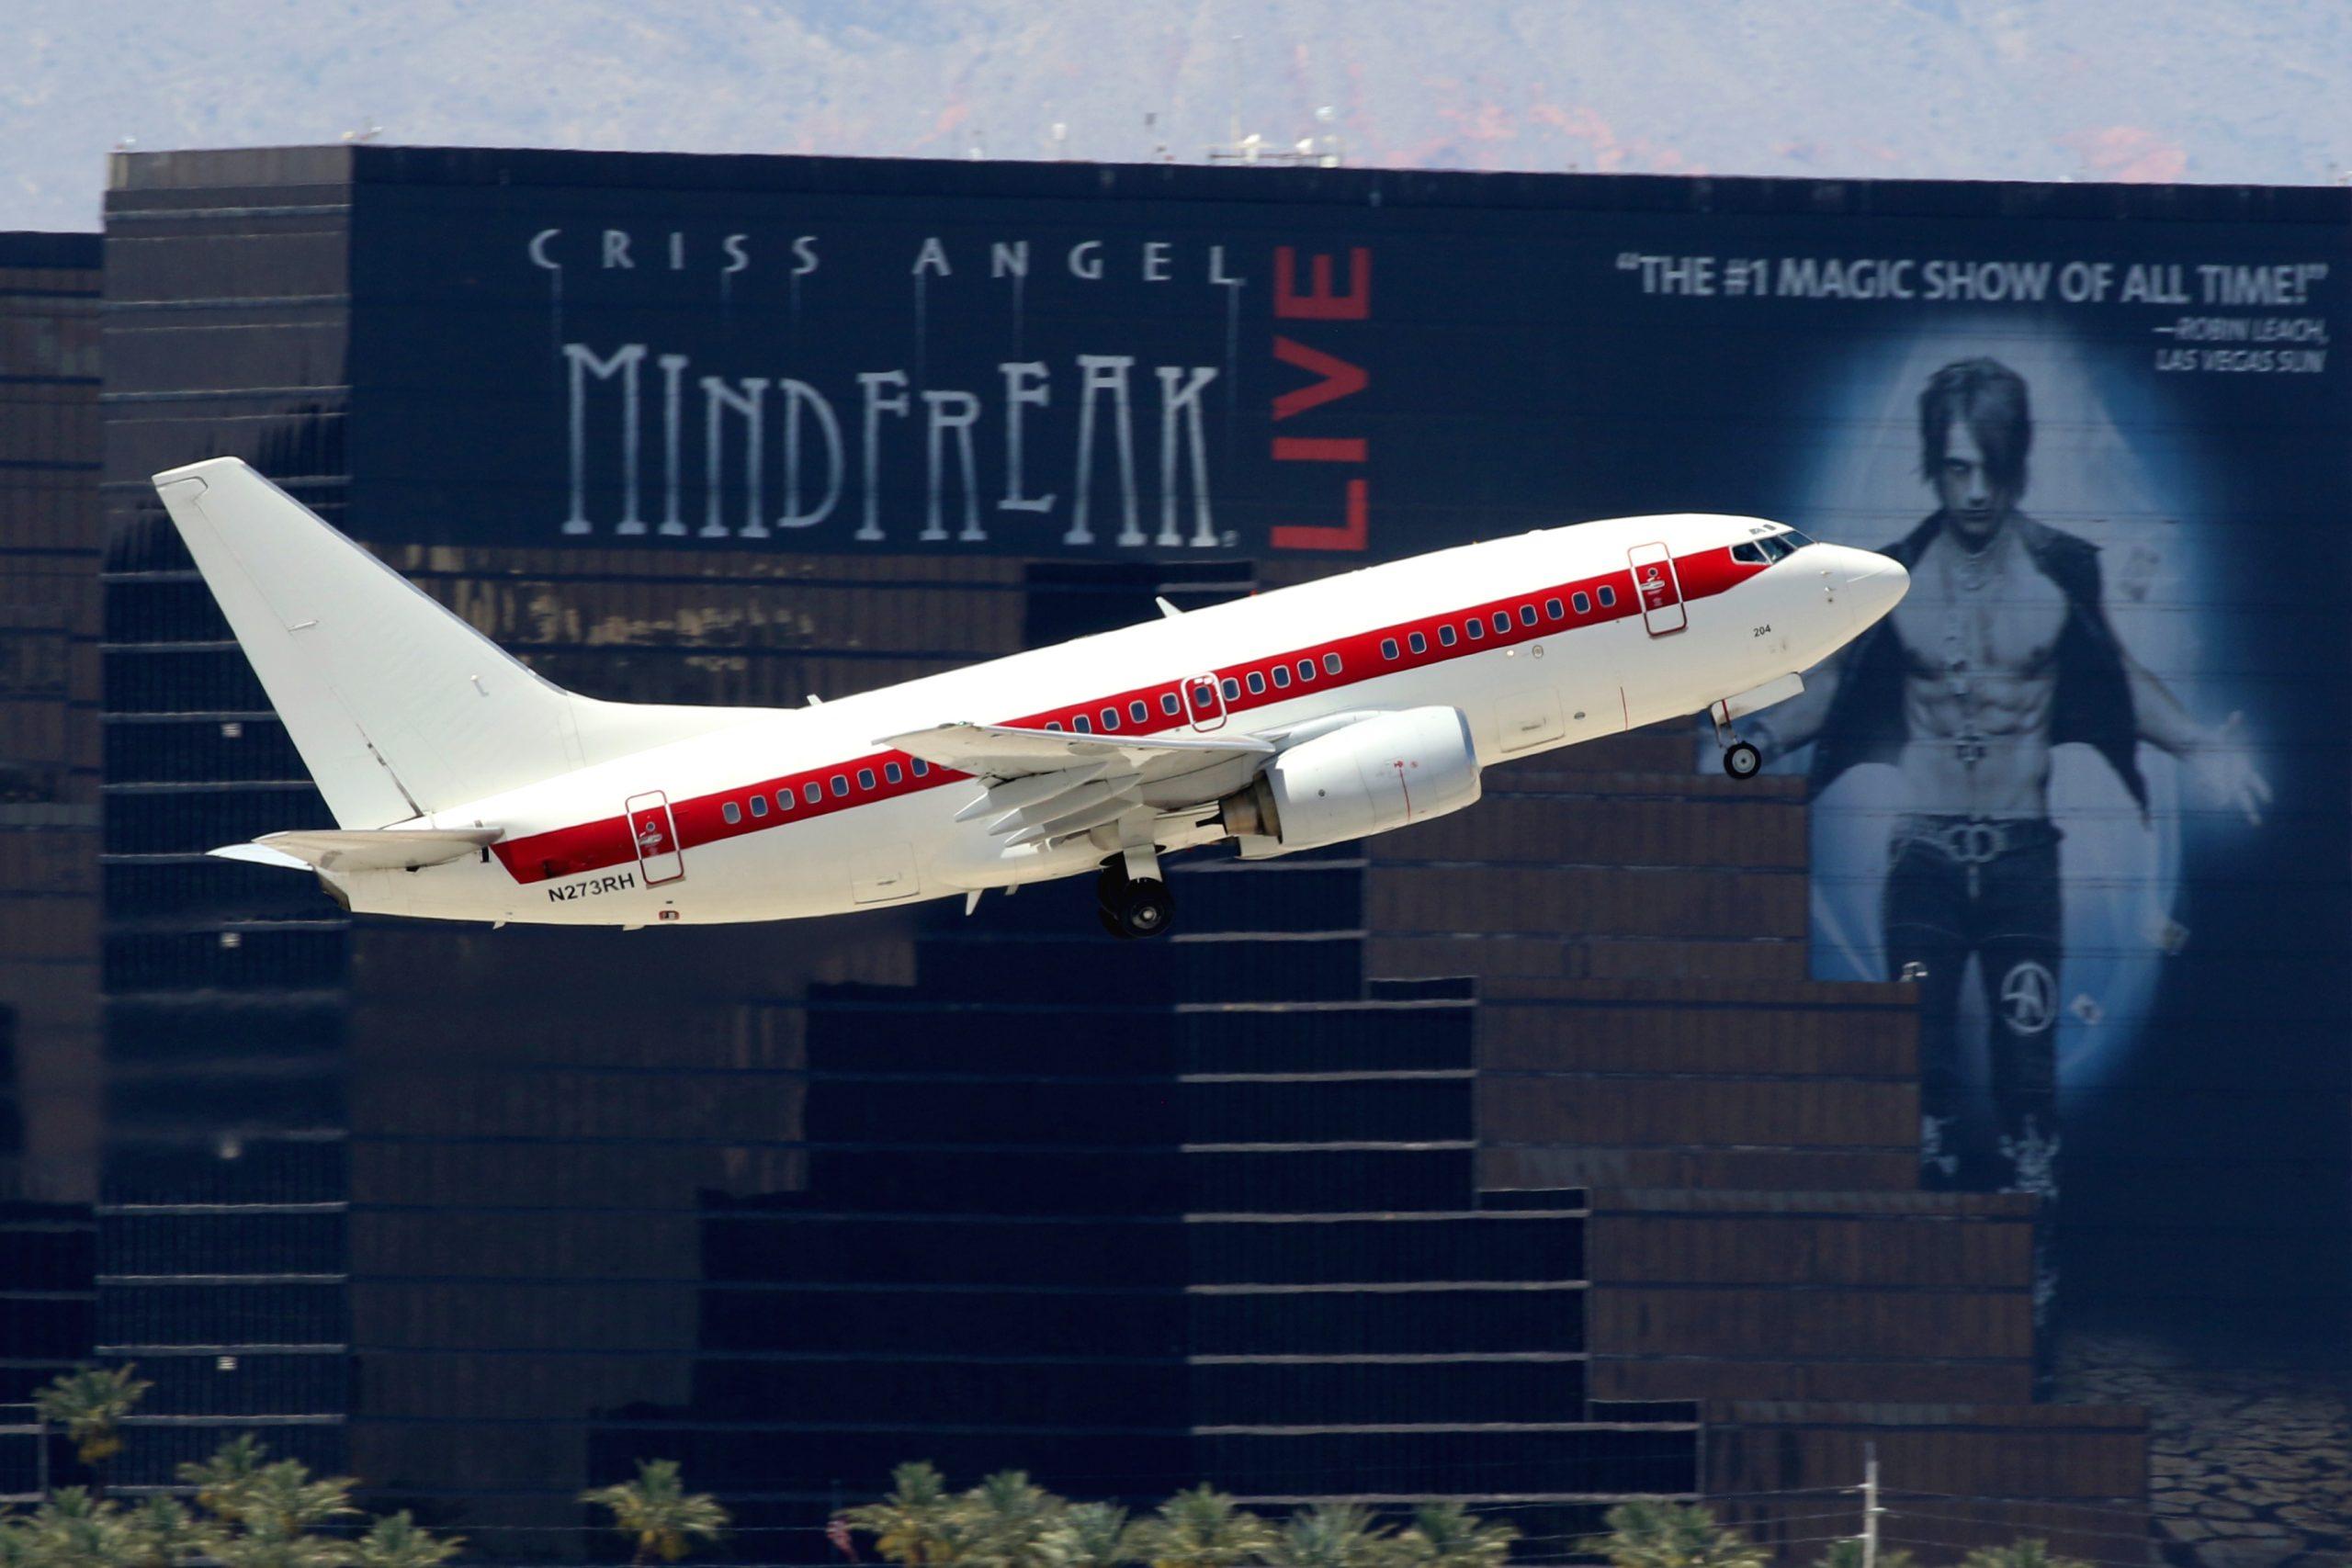 Janet: la aerolínea que vuela a la misteriosa Área 51